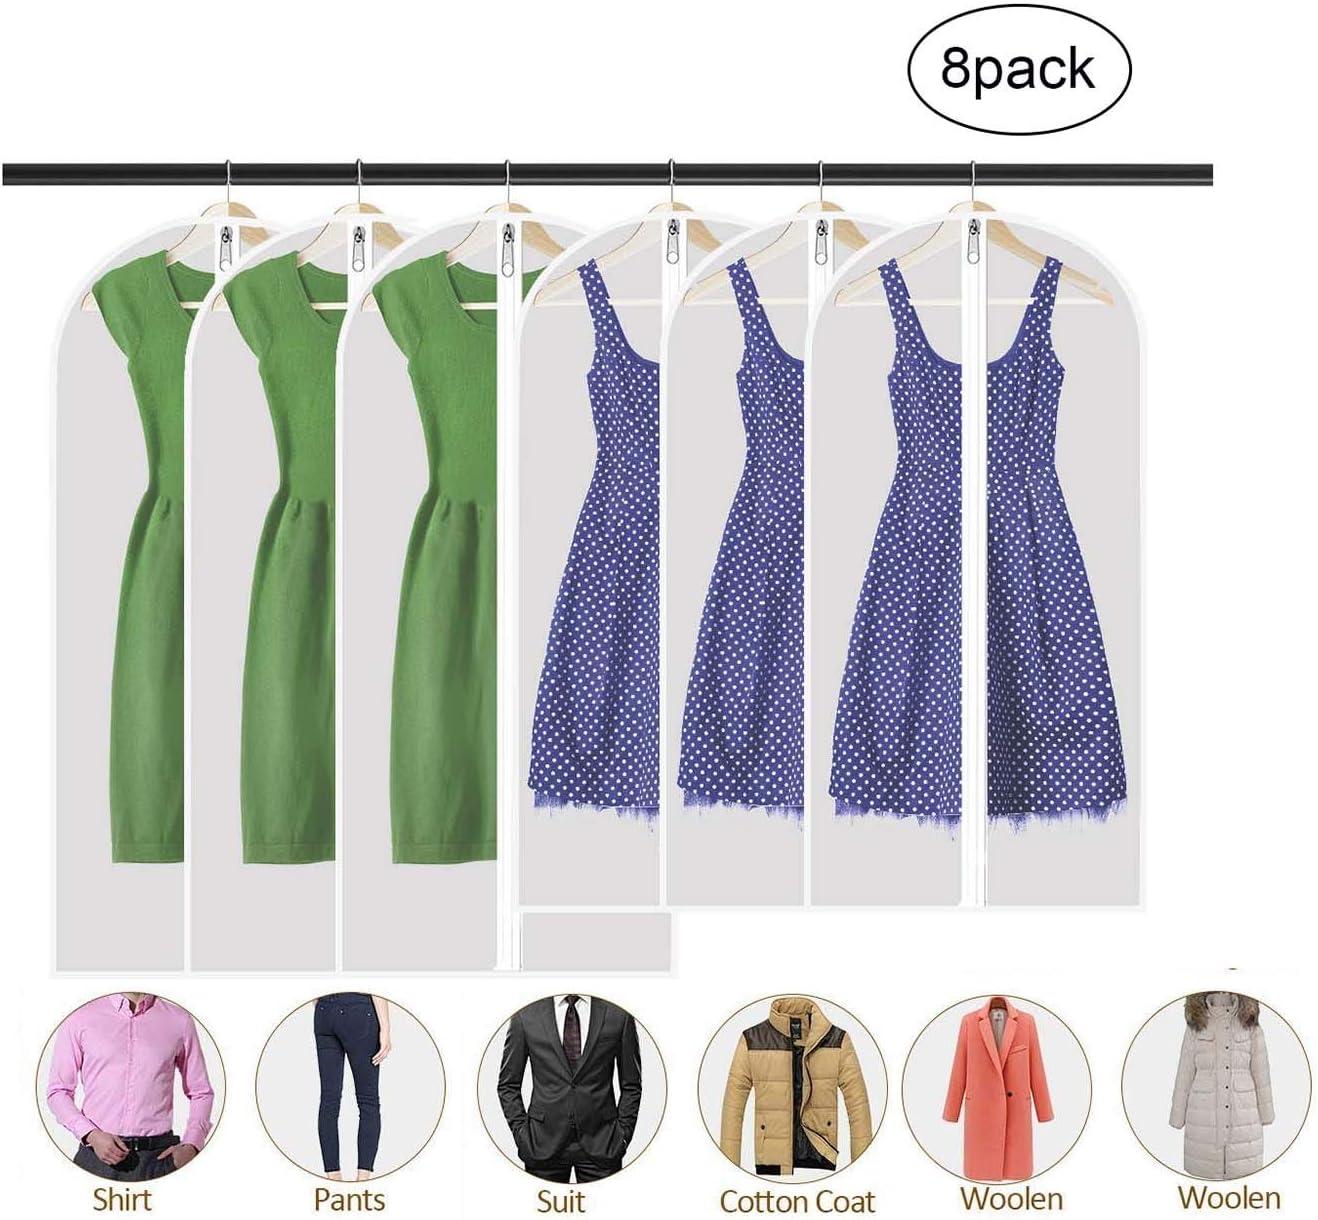 trajes de baile a prueba de polvo plegables con cremallera paquete de 8 PEVA transpirables transl/úcidas para vestidos largos 137//128 // 100cm Fundas para ropa lavables trajes abrigos,